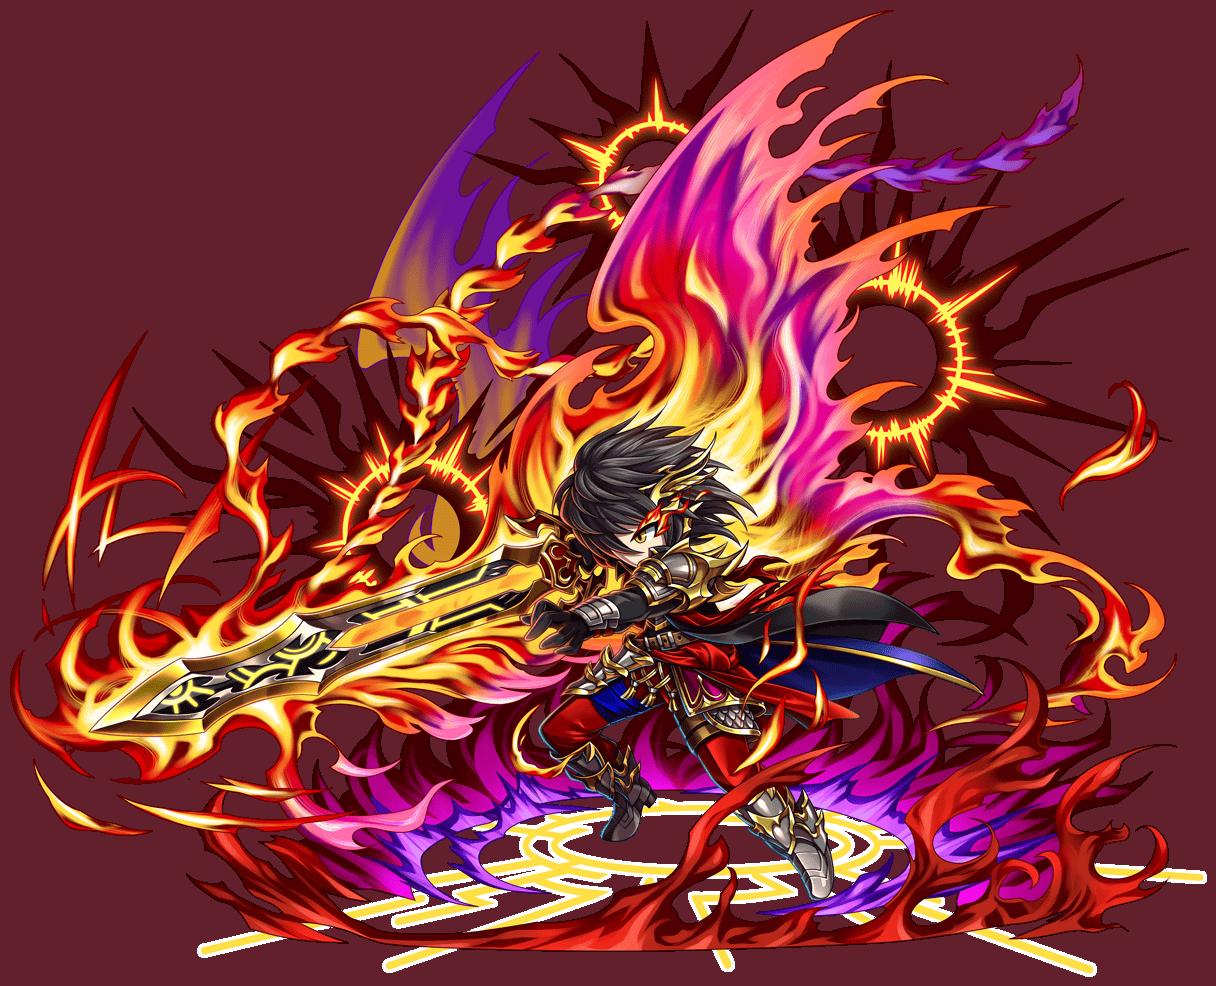 炎魁の鳳騎神アルス